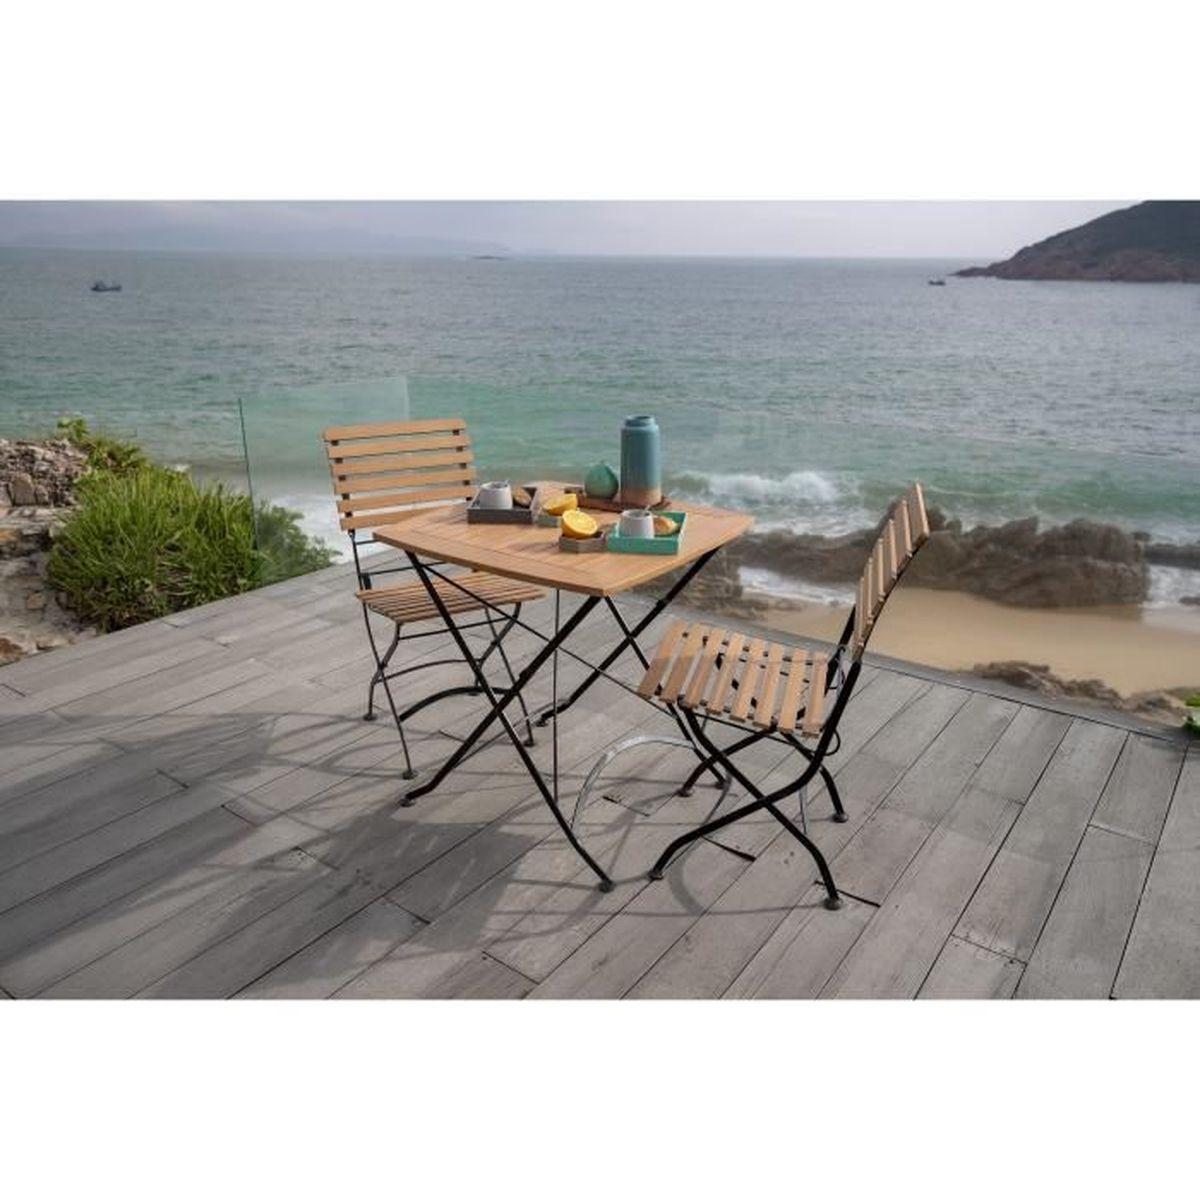 Table de jardin ou de balcon pliable - 2 places - Métal, bois et ...